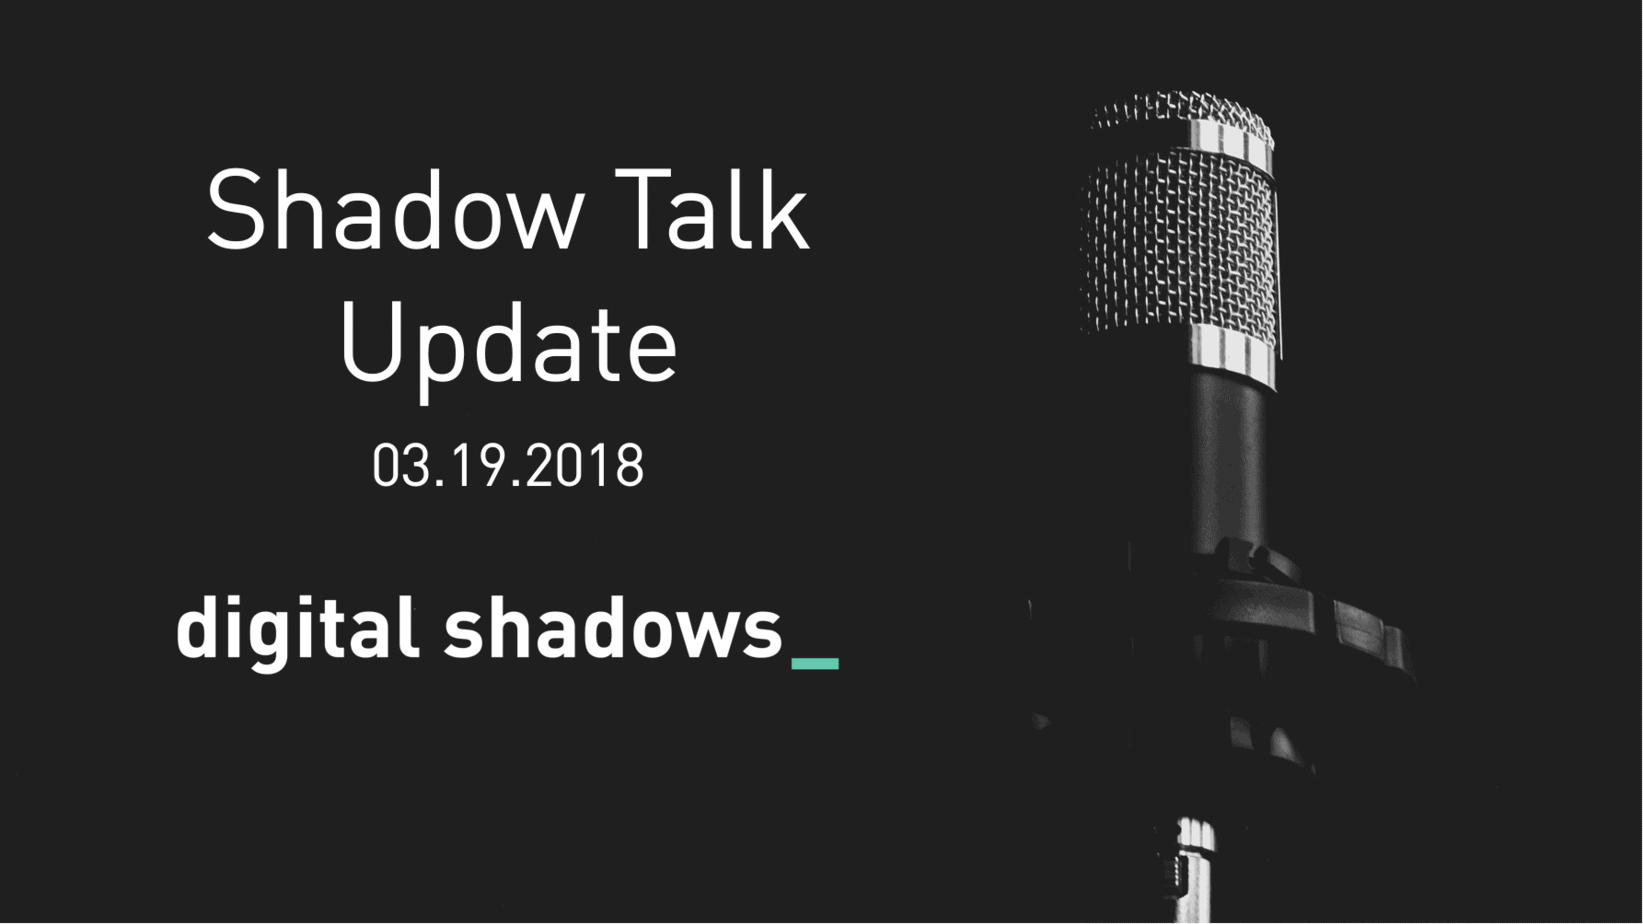 Shadow Talk Update – 03.19.2018